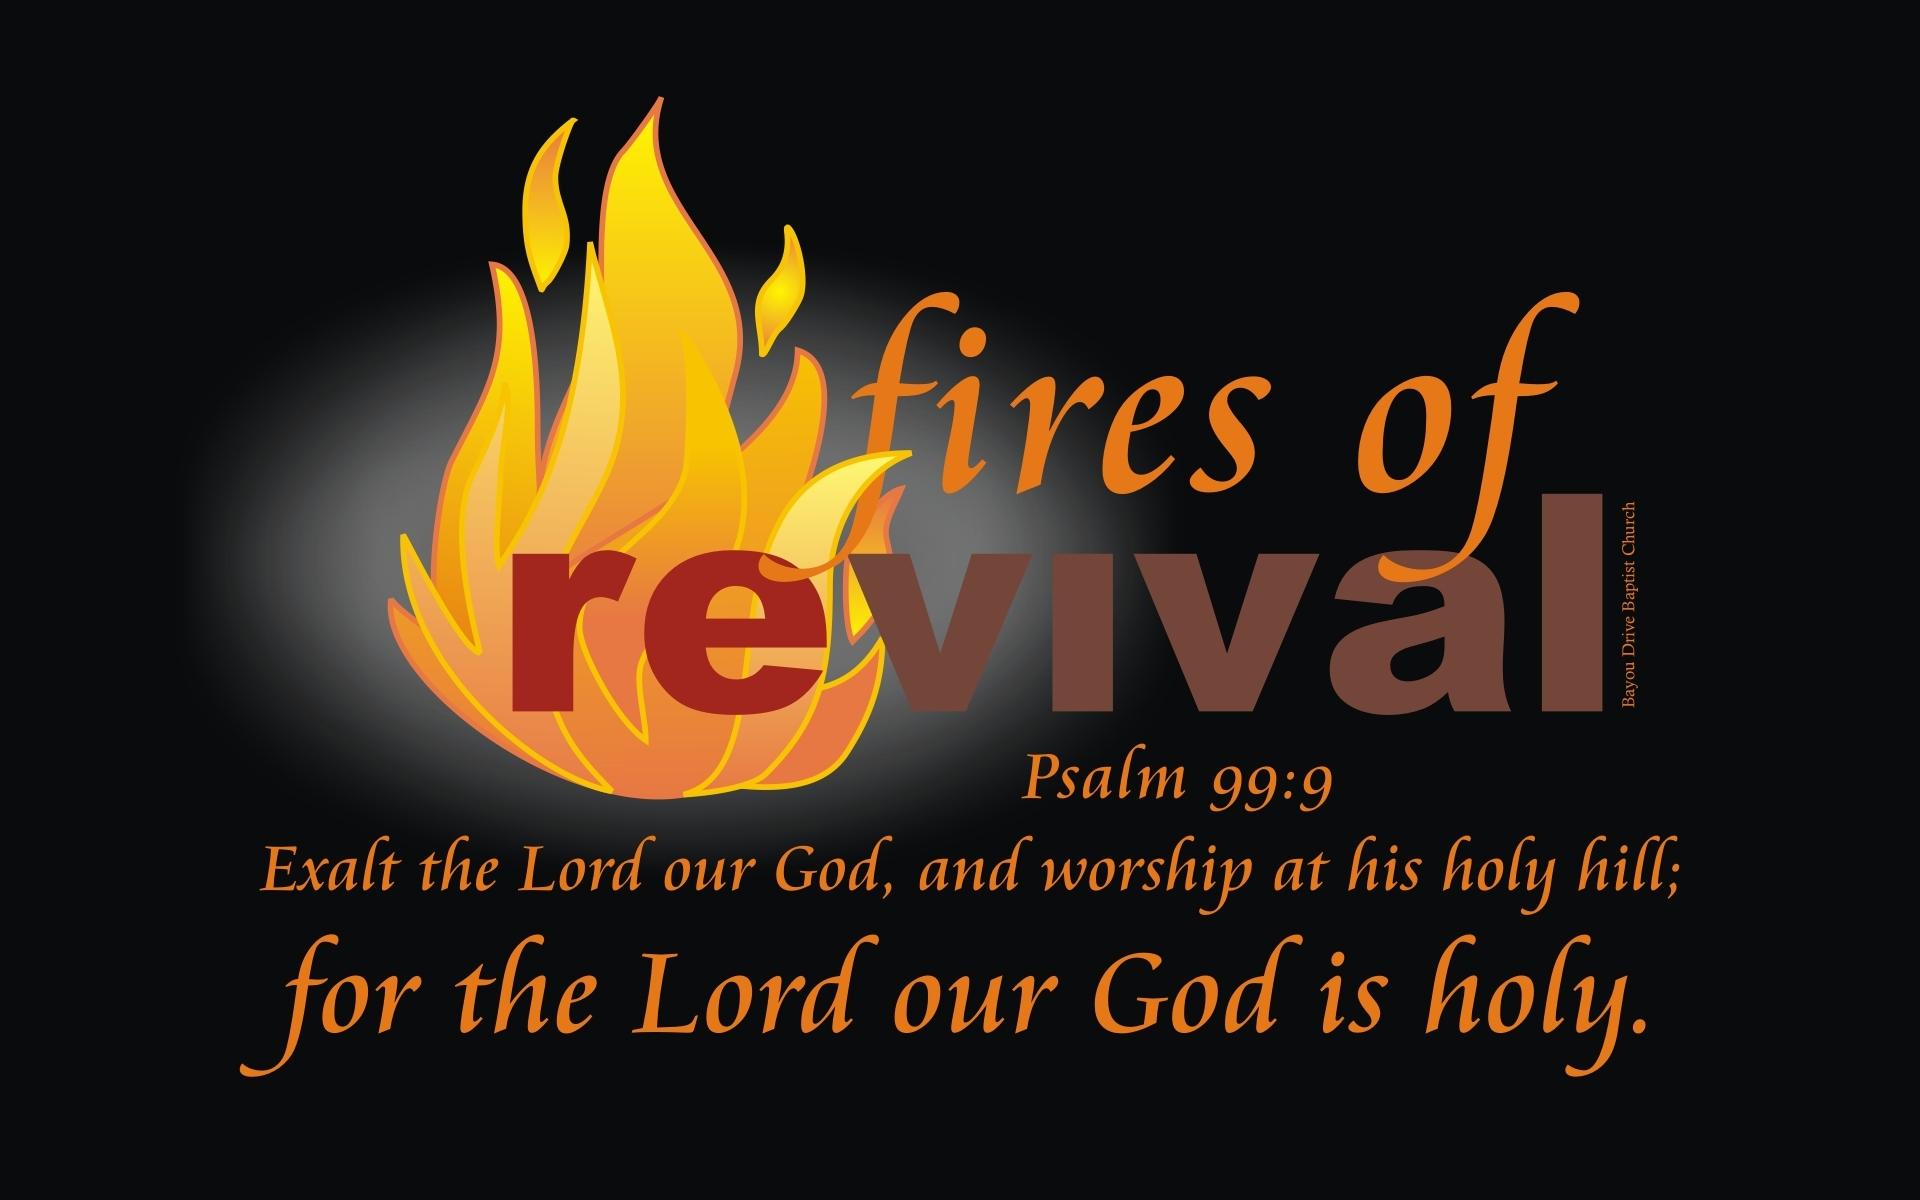 Jesus revival clipart images.